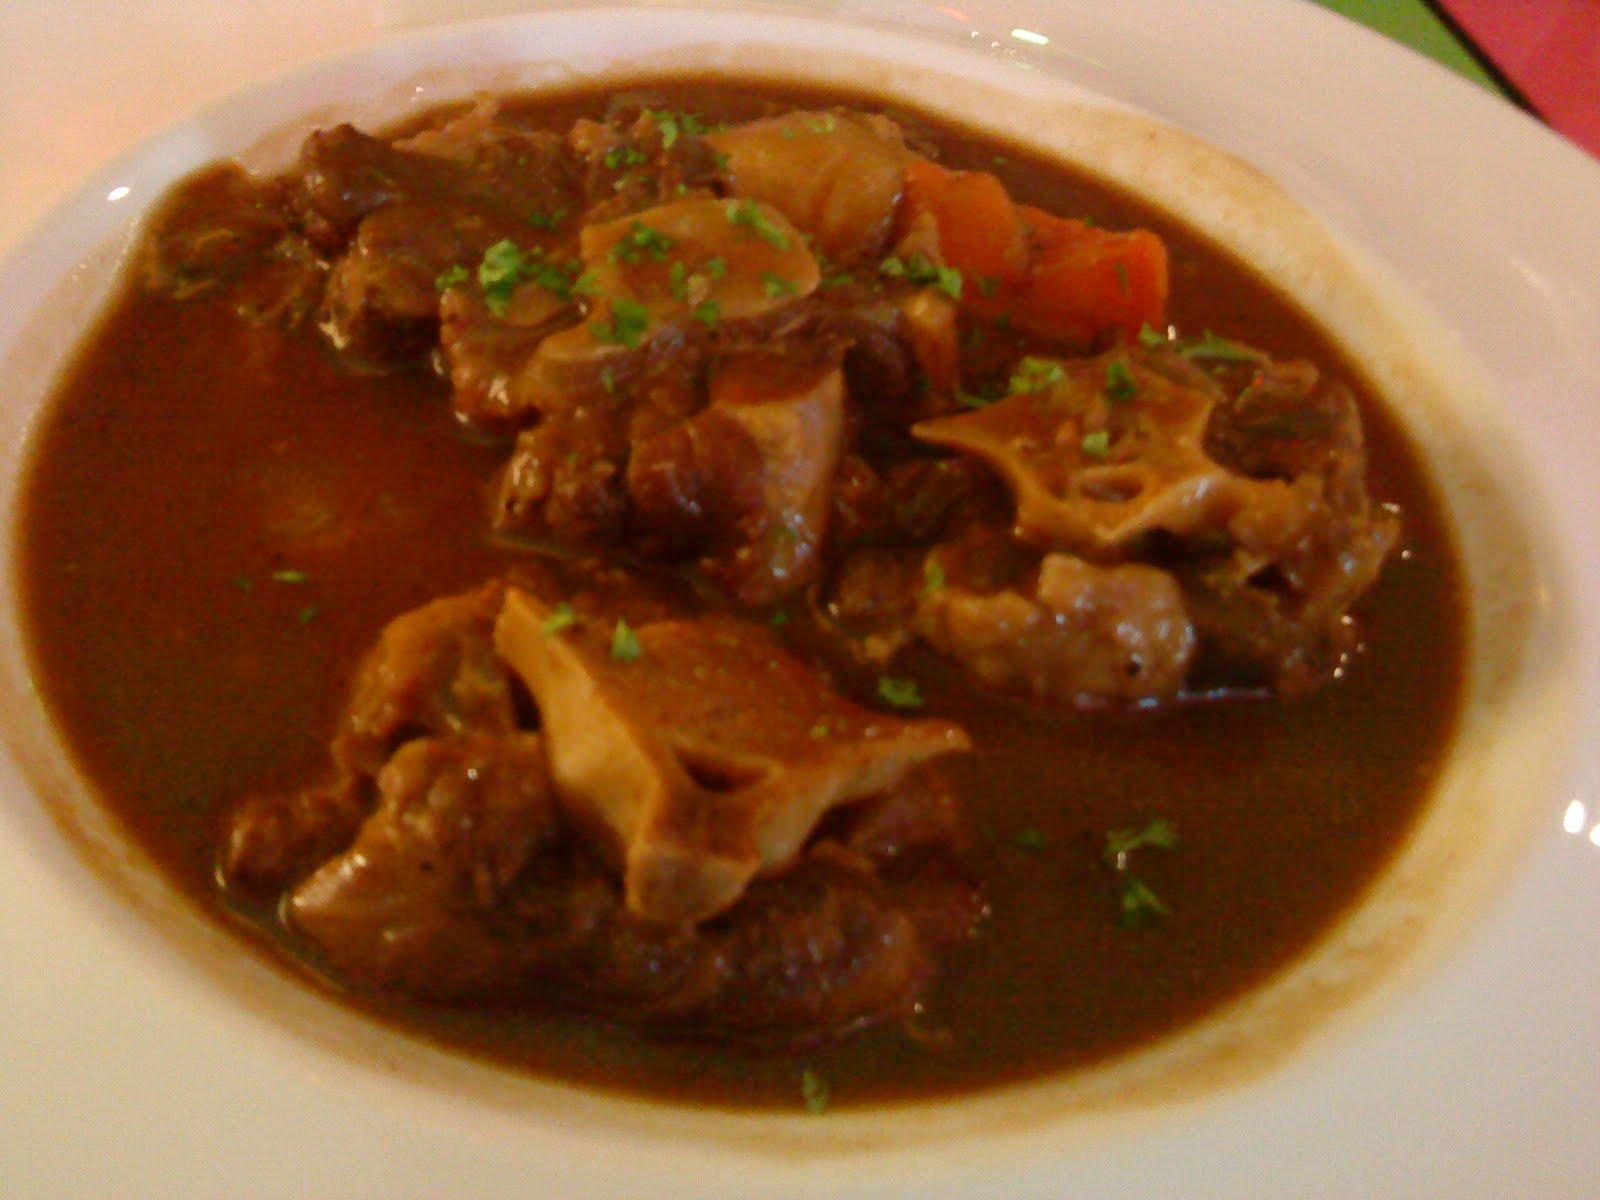 stew posole stew beef stew frogmore stew stew beef stew irish stew ...